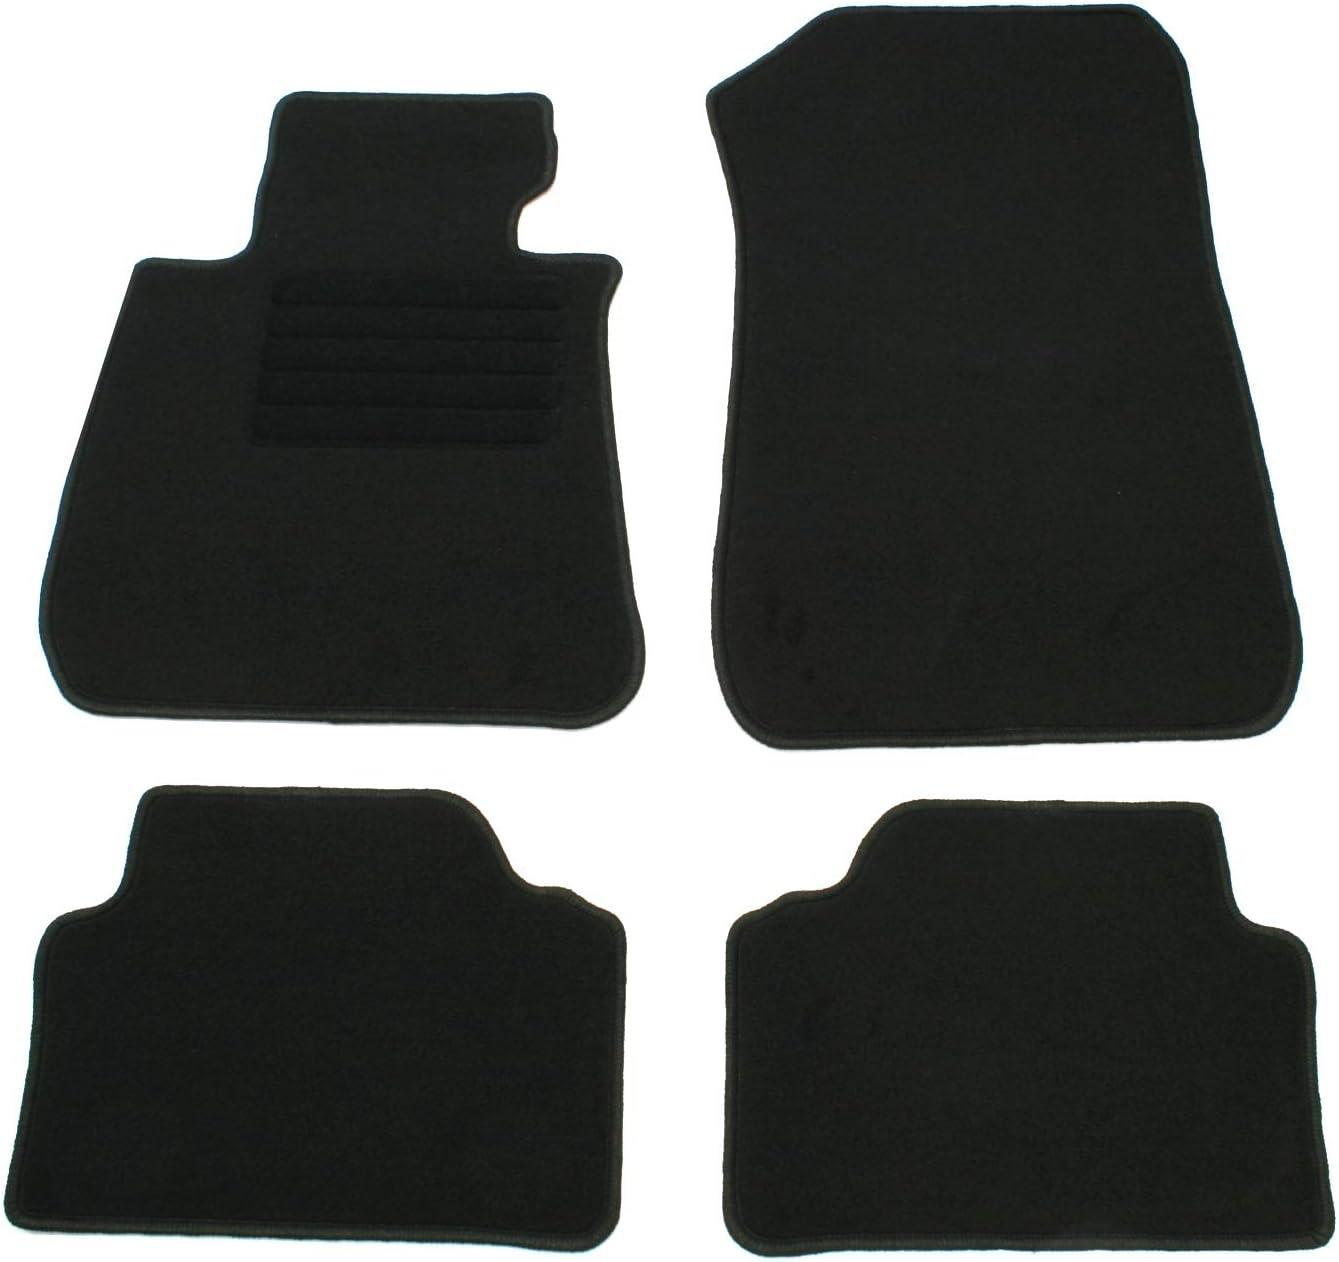 Ad Tuning Gmbh Hg10225 Velours Passform Fußmatten Set Schwarz Auto